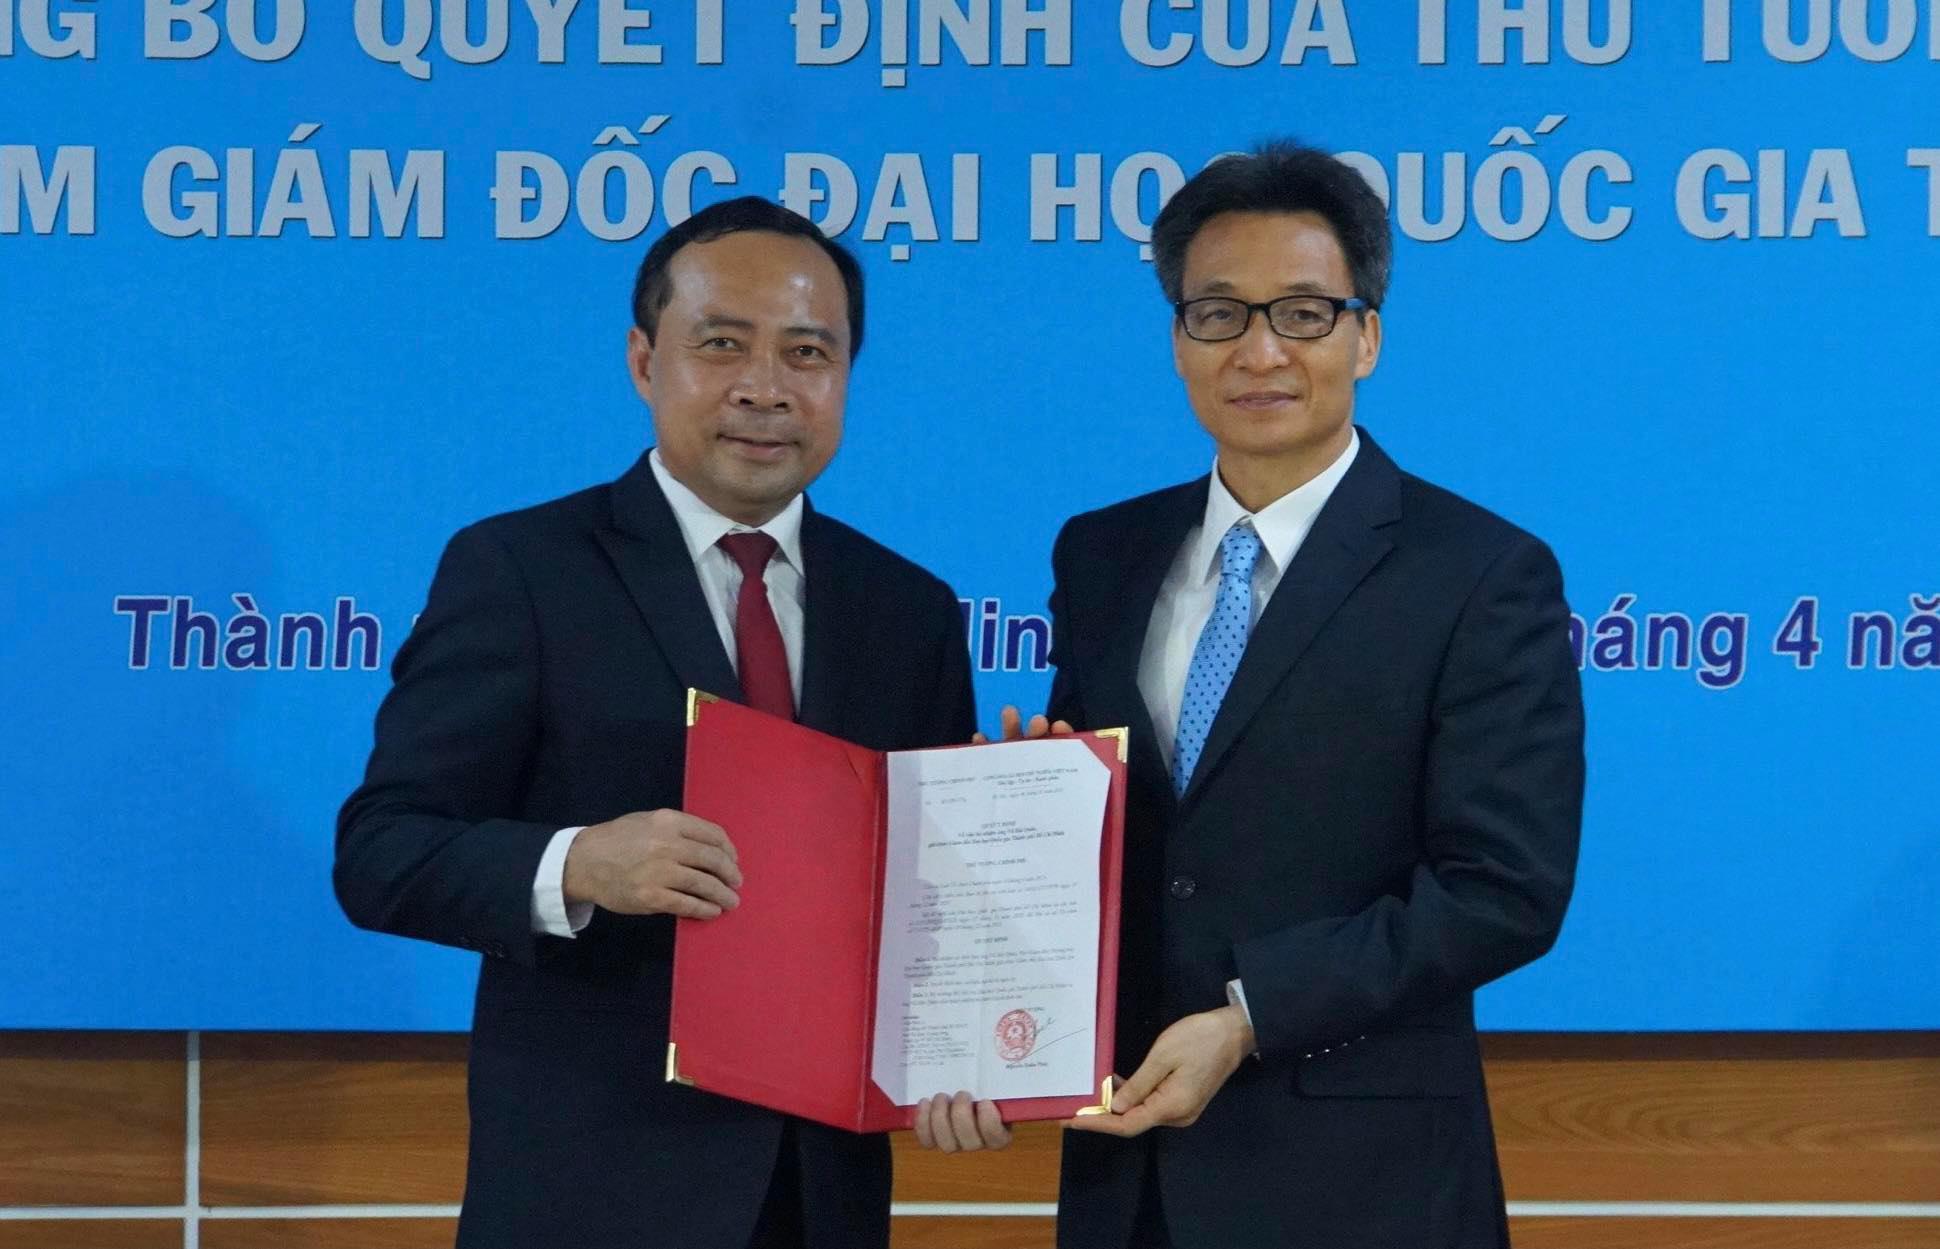 Trao quyết định bổ nhiệm ông Vũ Hải Quân làm giám đốc ĐH Quốc gia TP.HCM